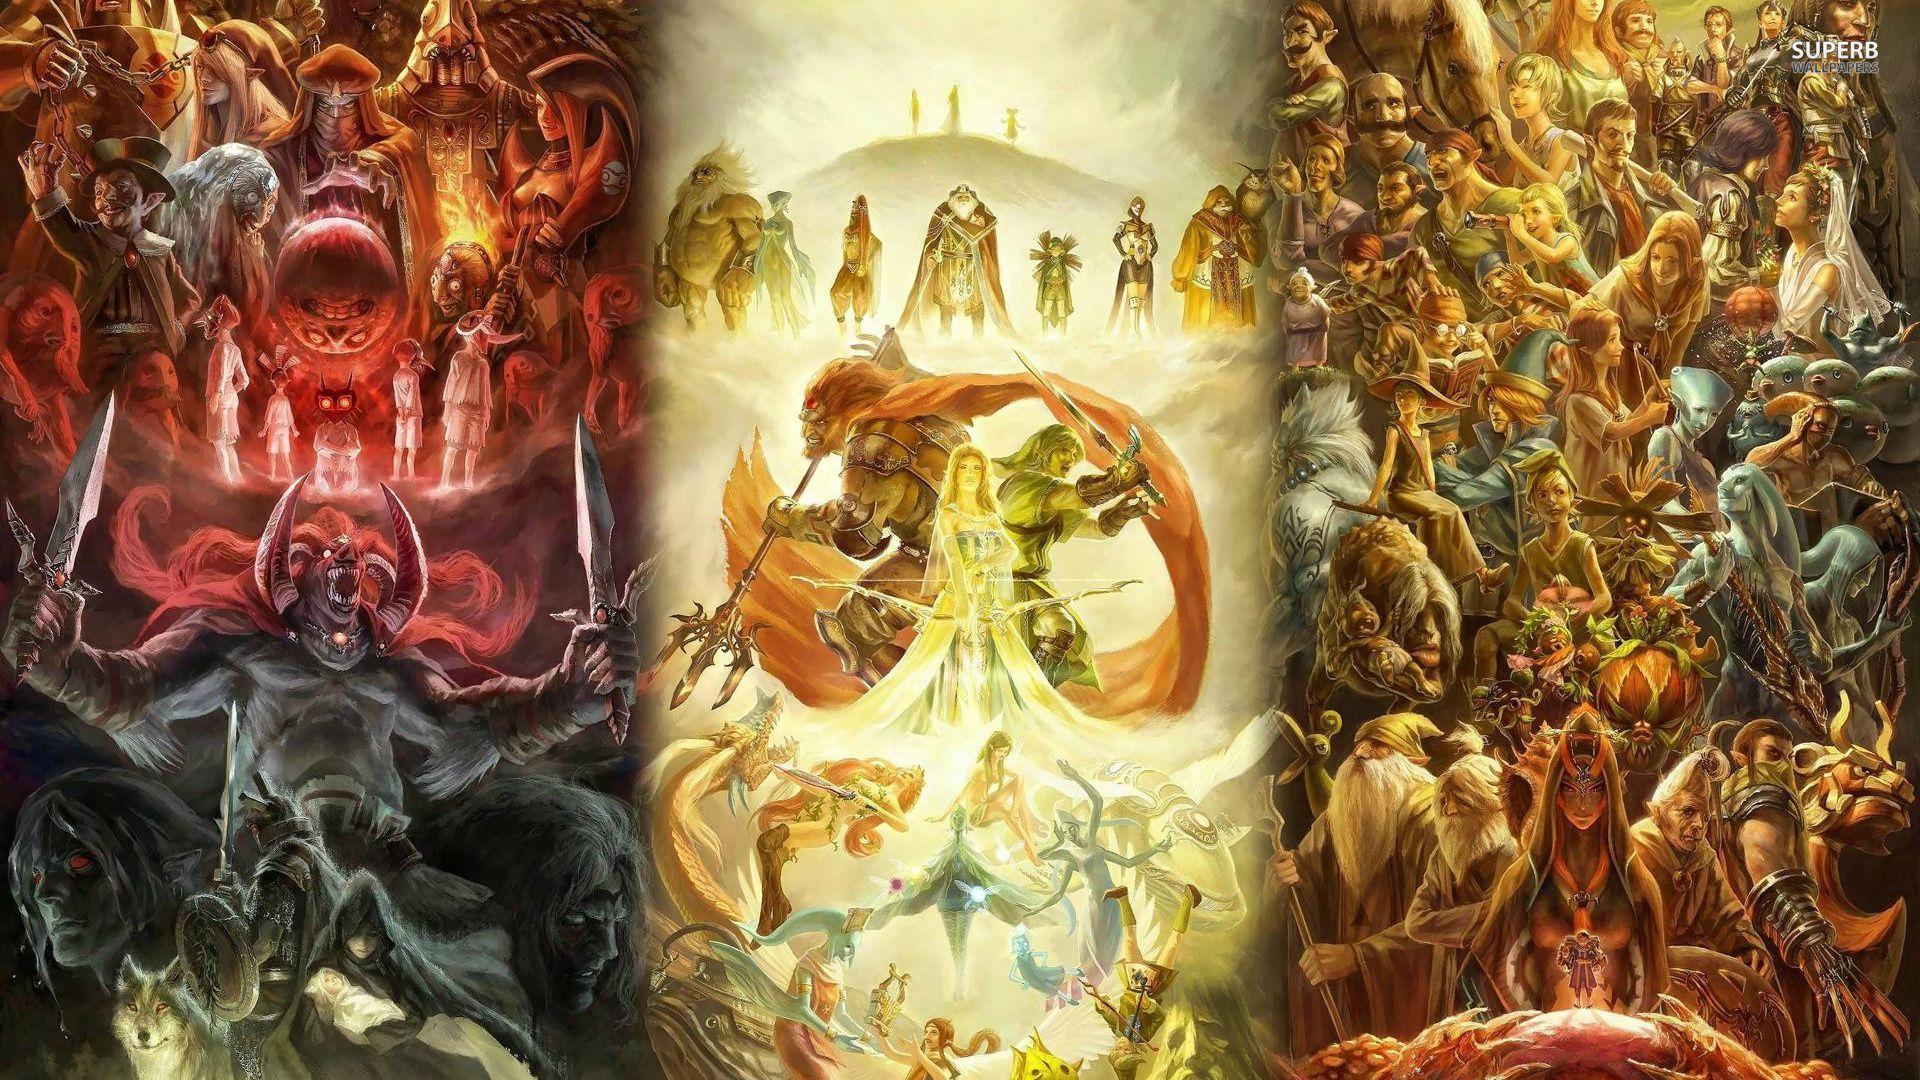 The Legend Of Zelda Wallpapers - Wallpaper Cave